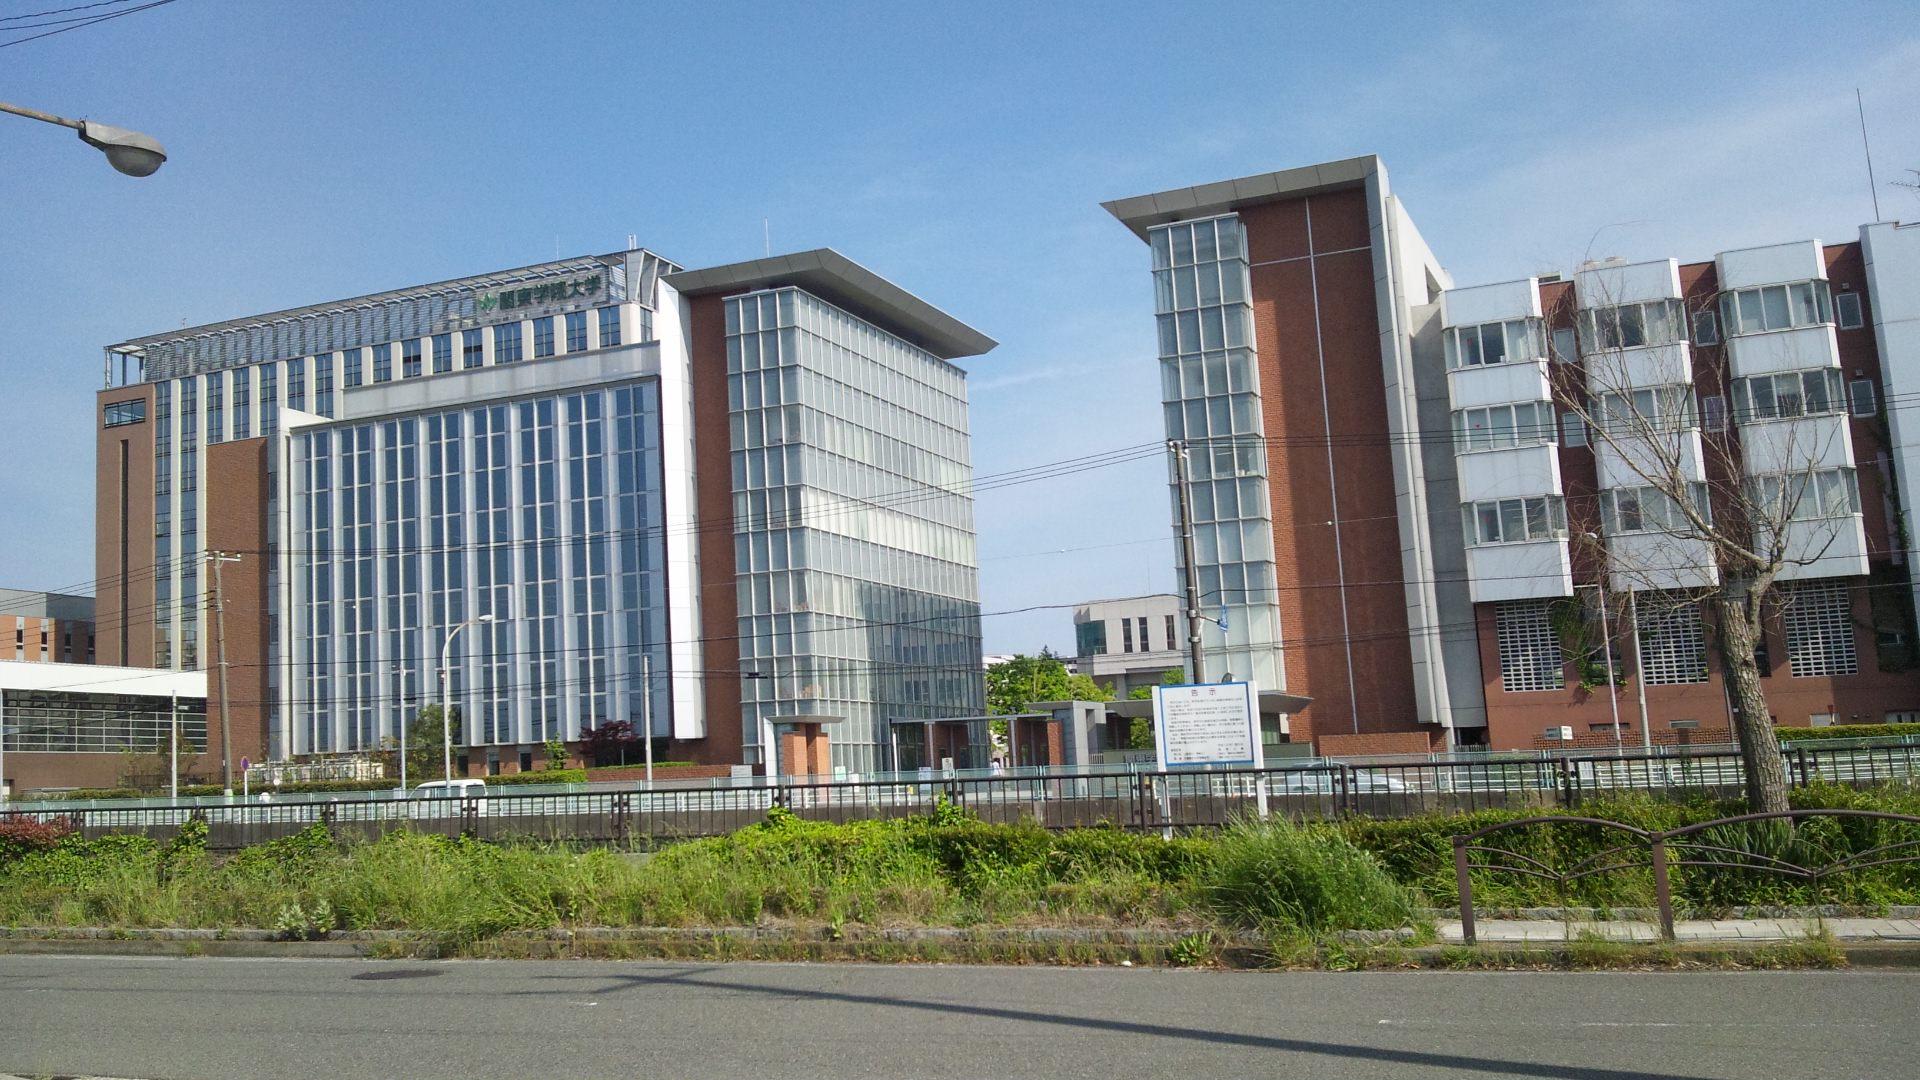 【第43位】 関東学院大学 : あなたの大学は何位?出身大学別 ...